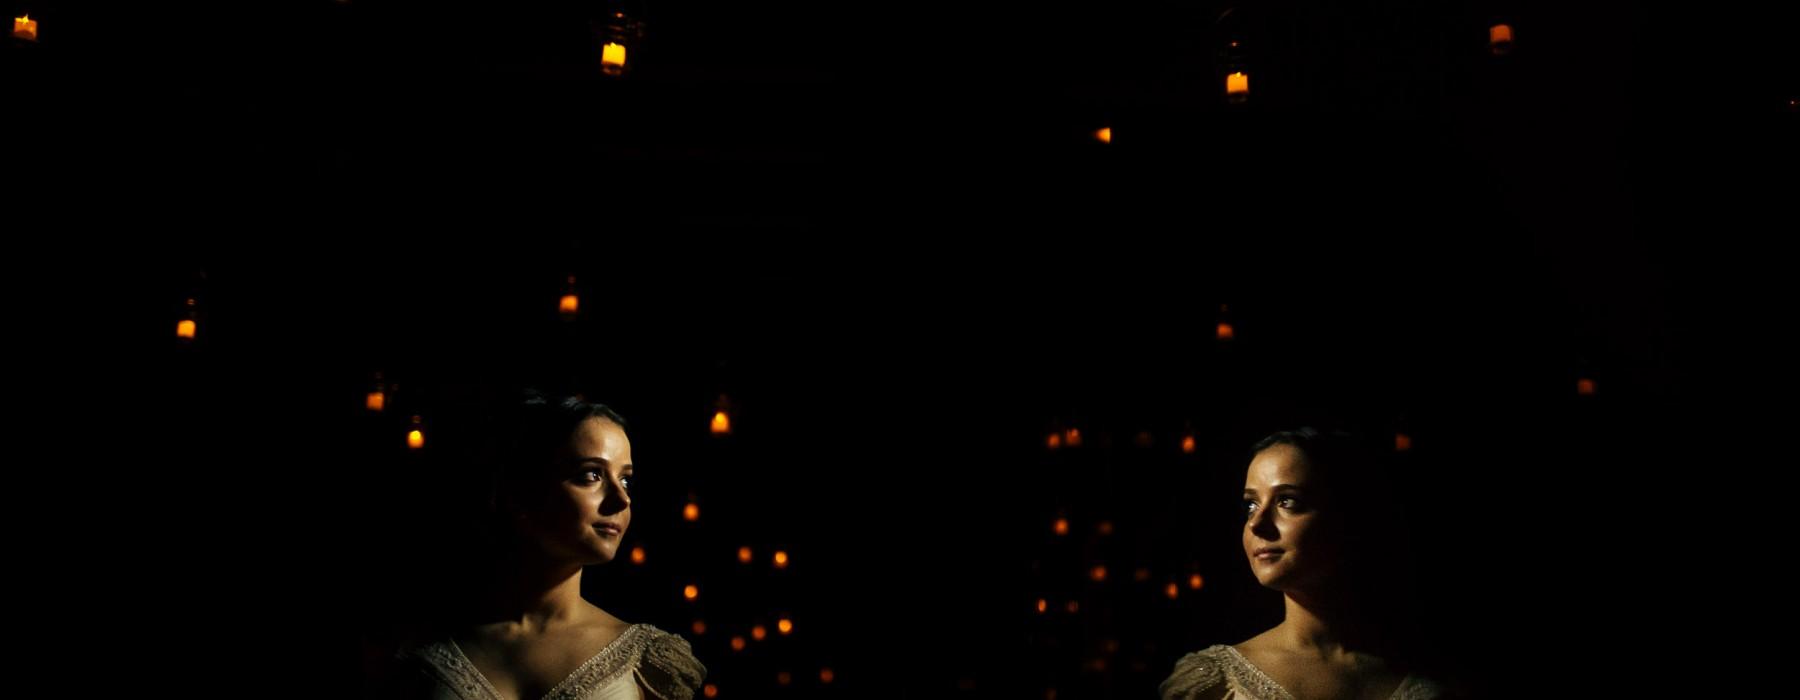 foto artistica de casamento noiva estação são paulo